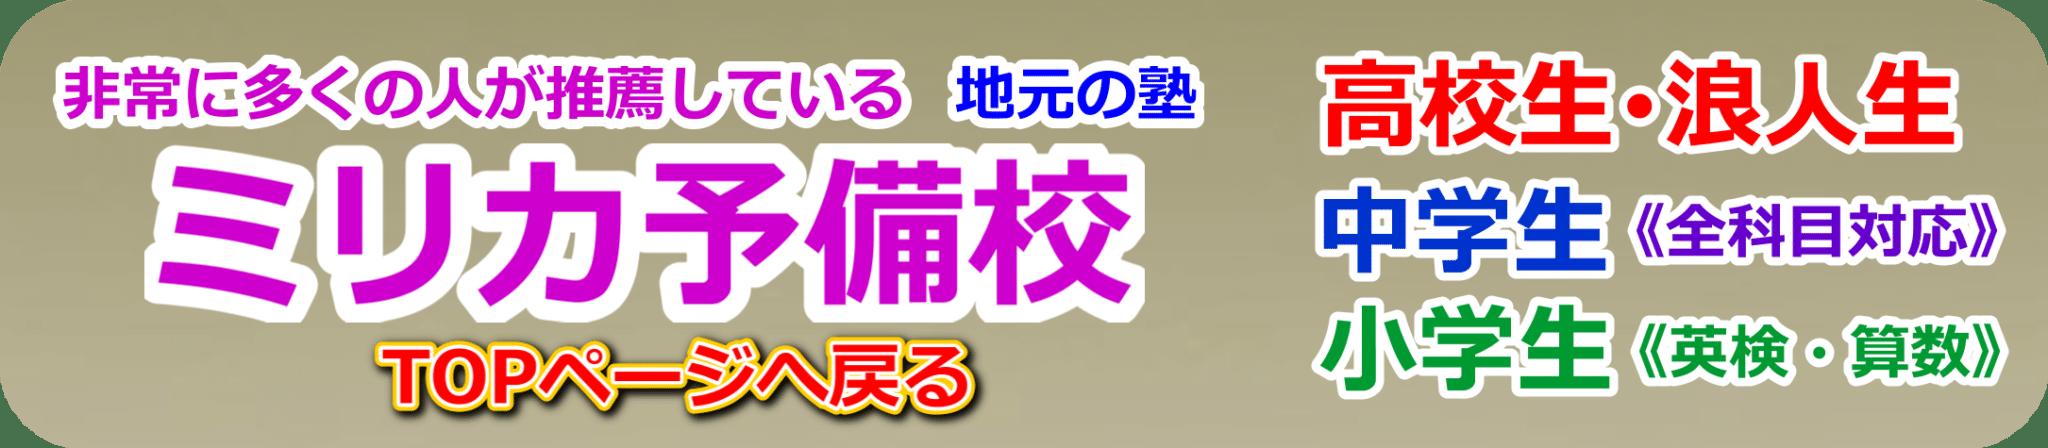 おすすめの大阪・京都・滋賀・茨木・高槻・吹田の予備校・ミリカ予備校